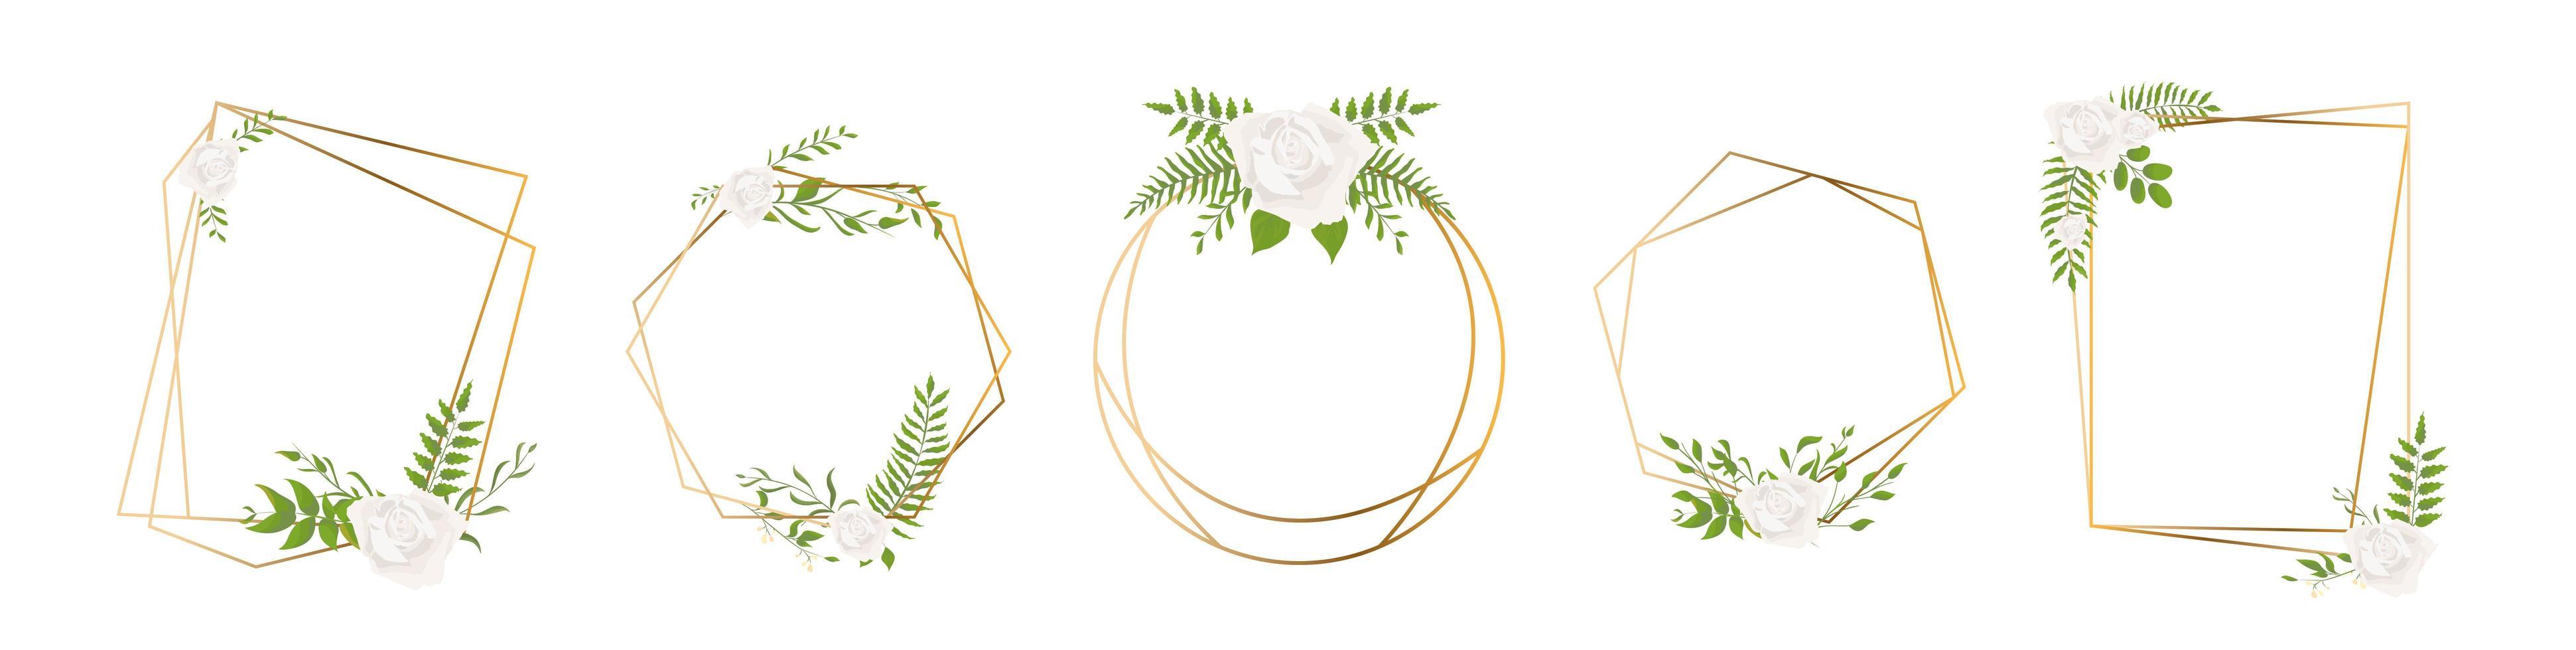 feuilles de polyèdre géométriques dorées et cadres roses vecteur